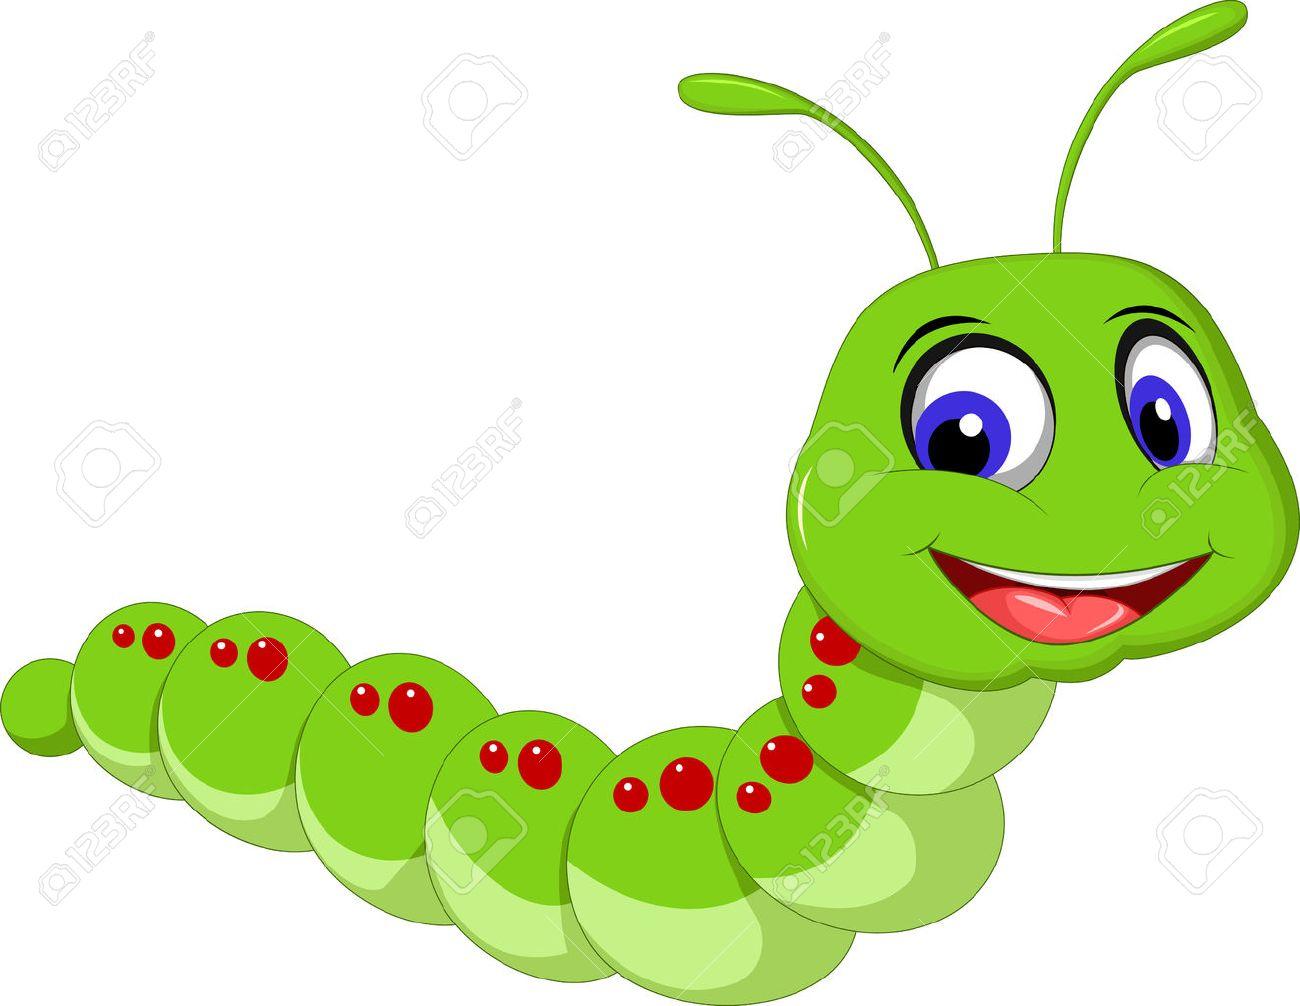 cute caterpillar cartoon.